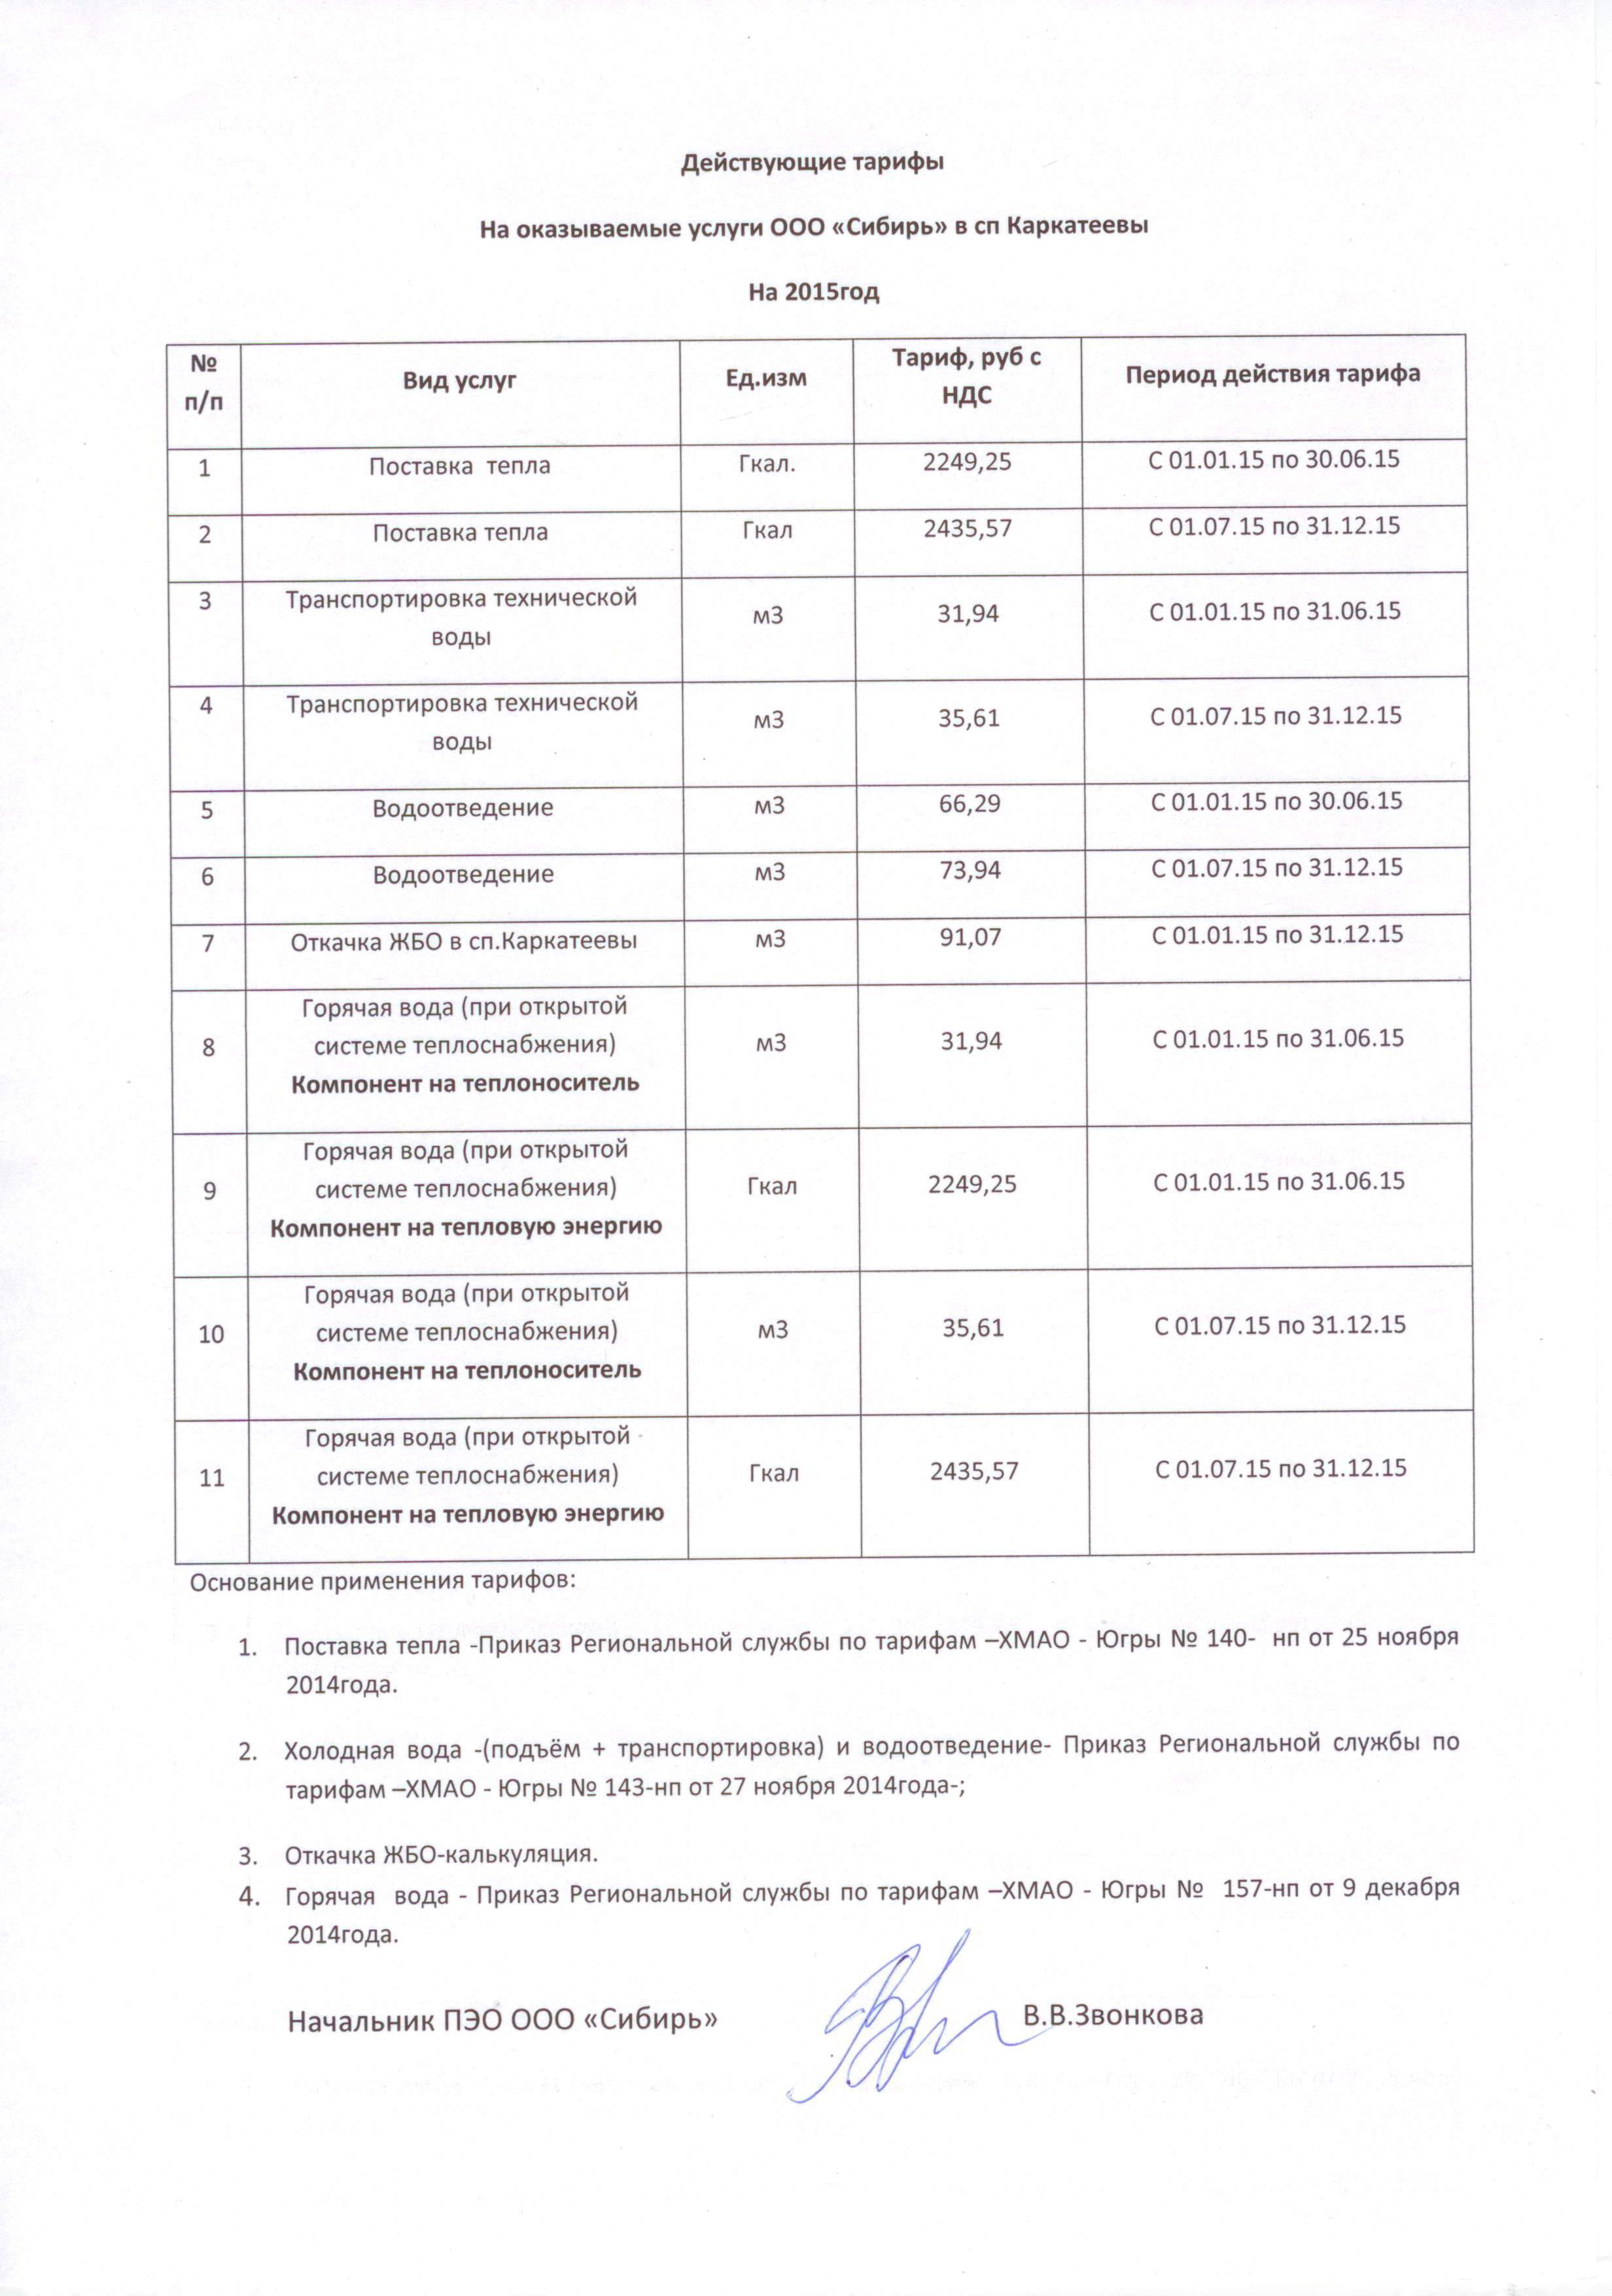 договор теплоснабжения с тсж 2014 образец